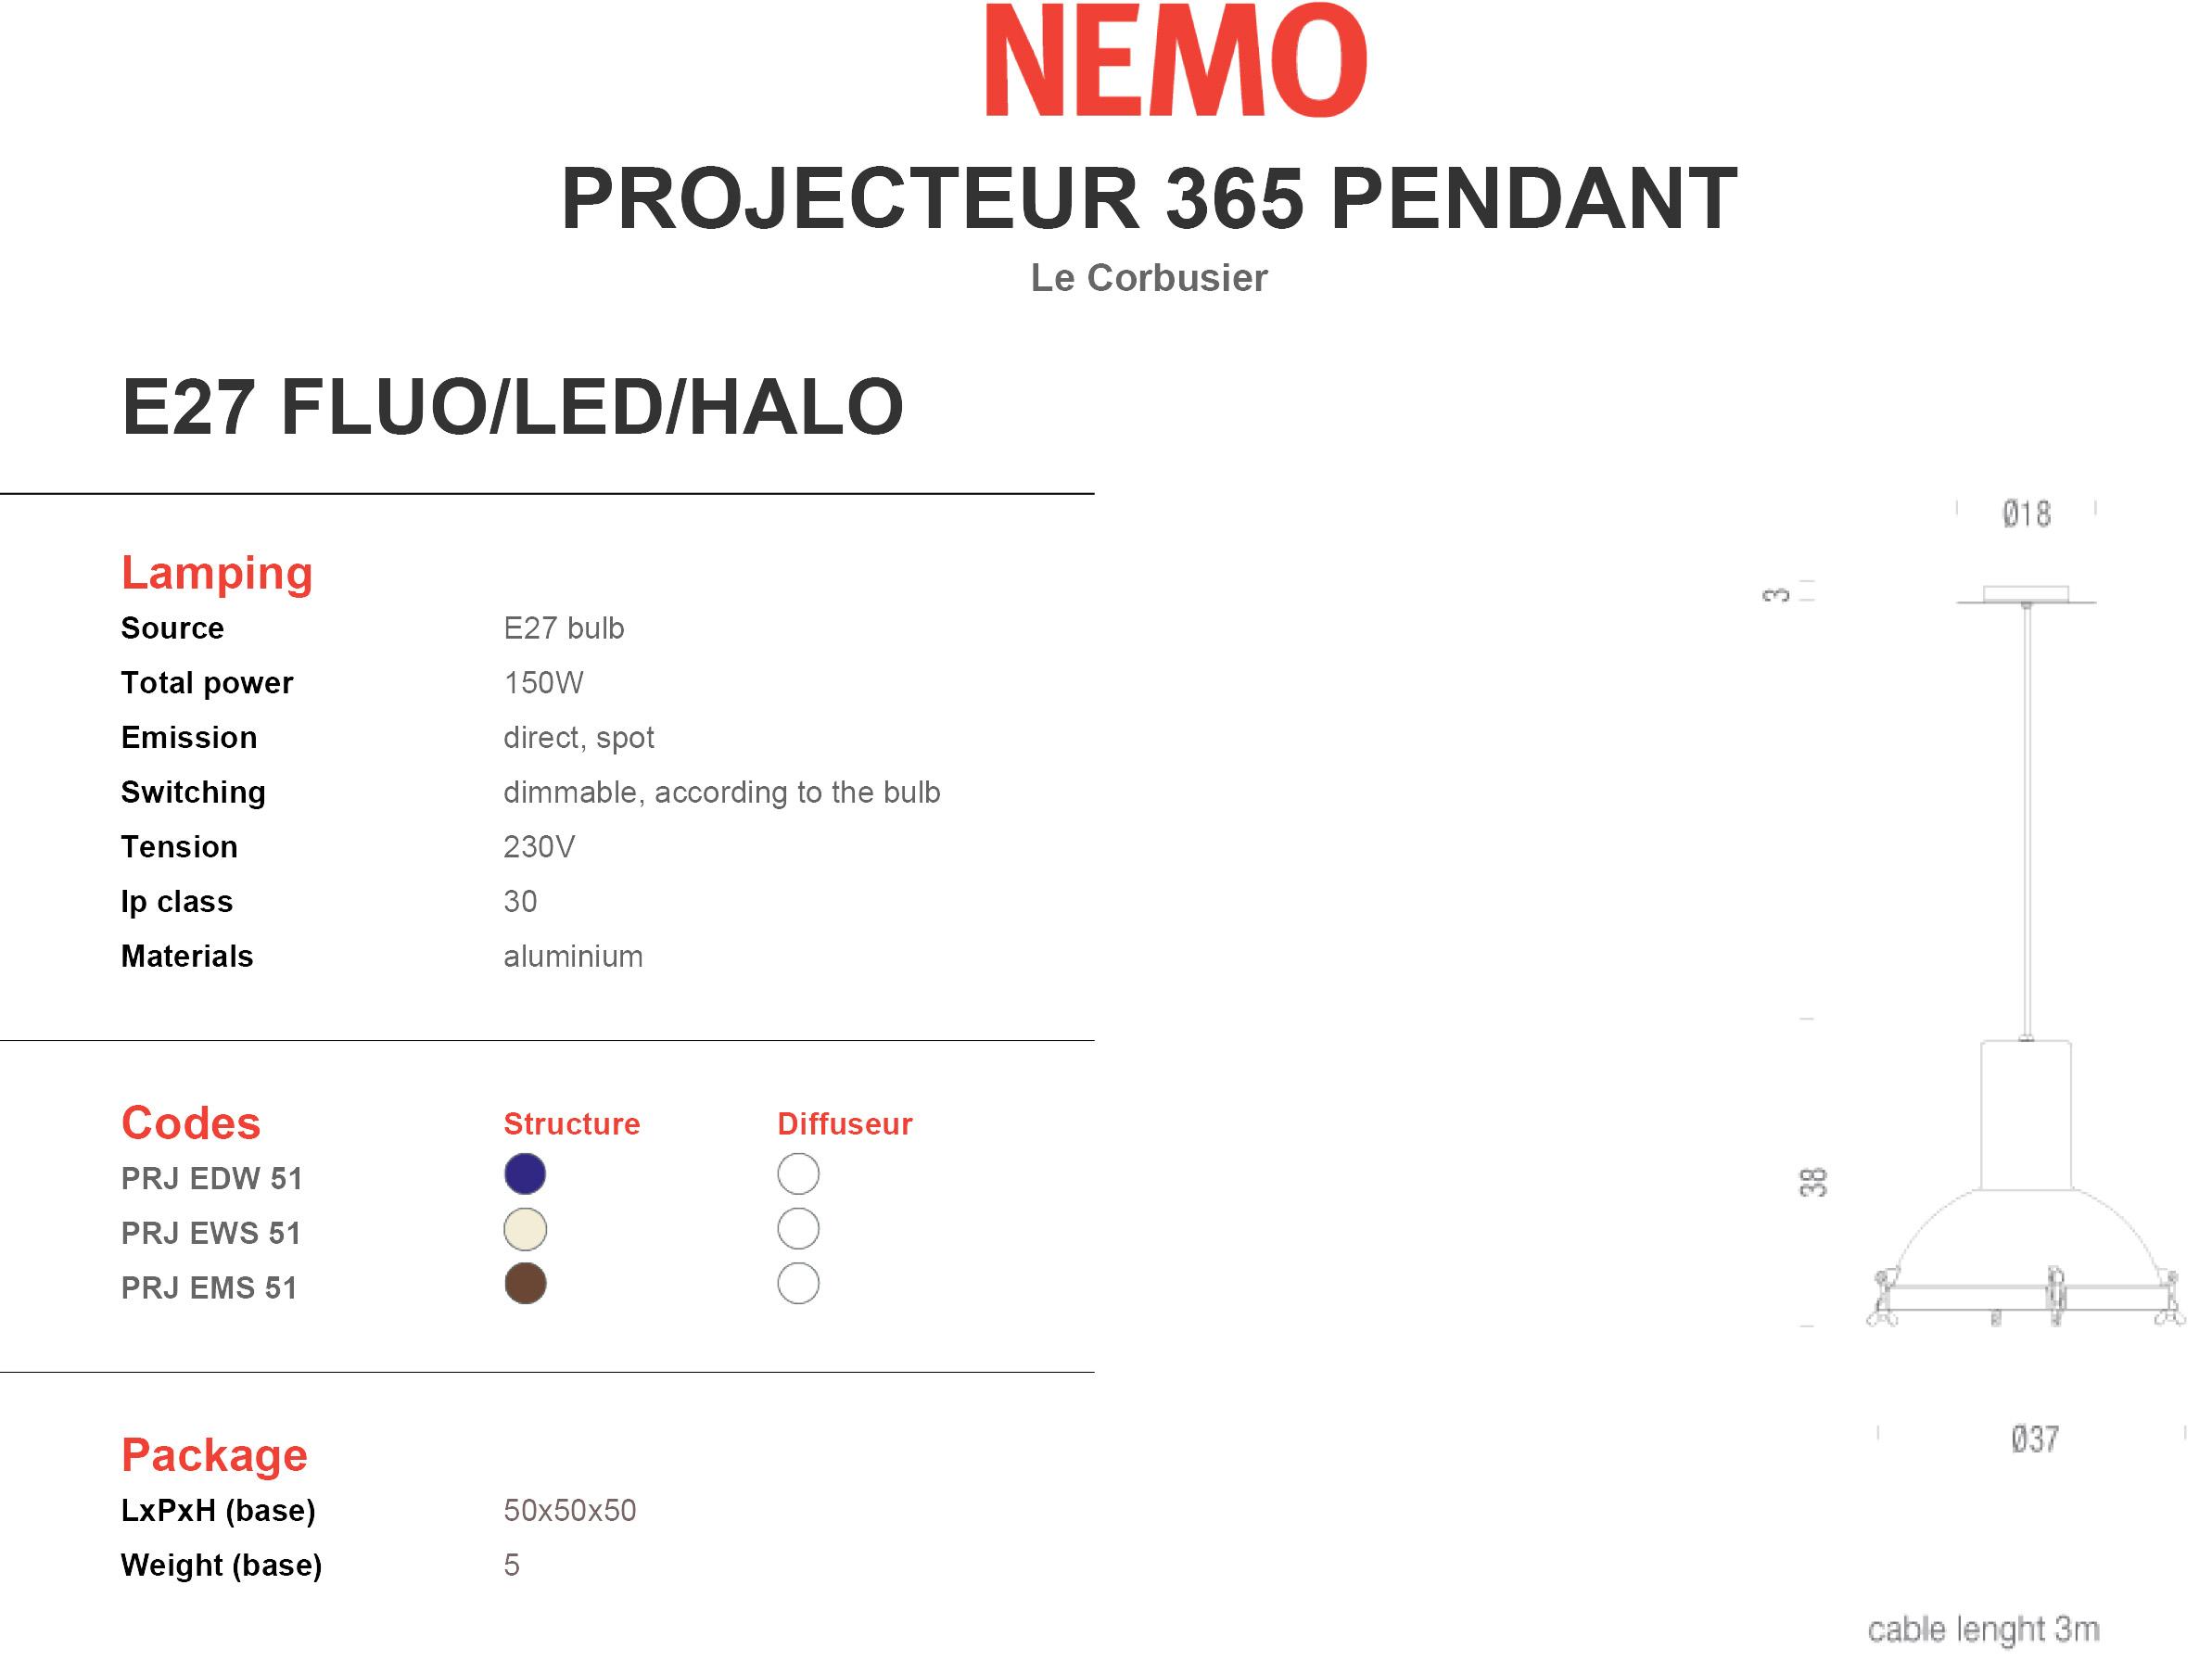 Nemo Projecteur 365 Pendant Tech